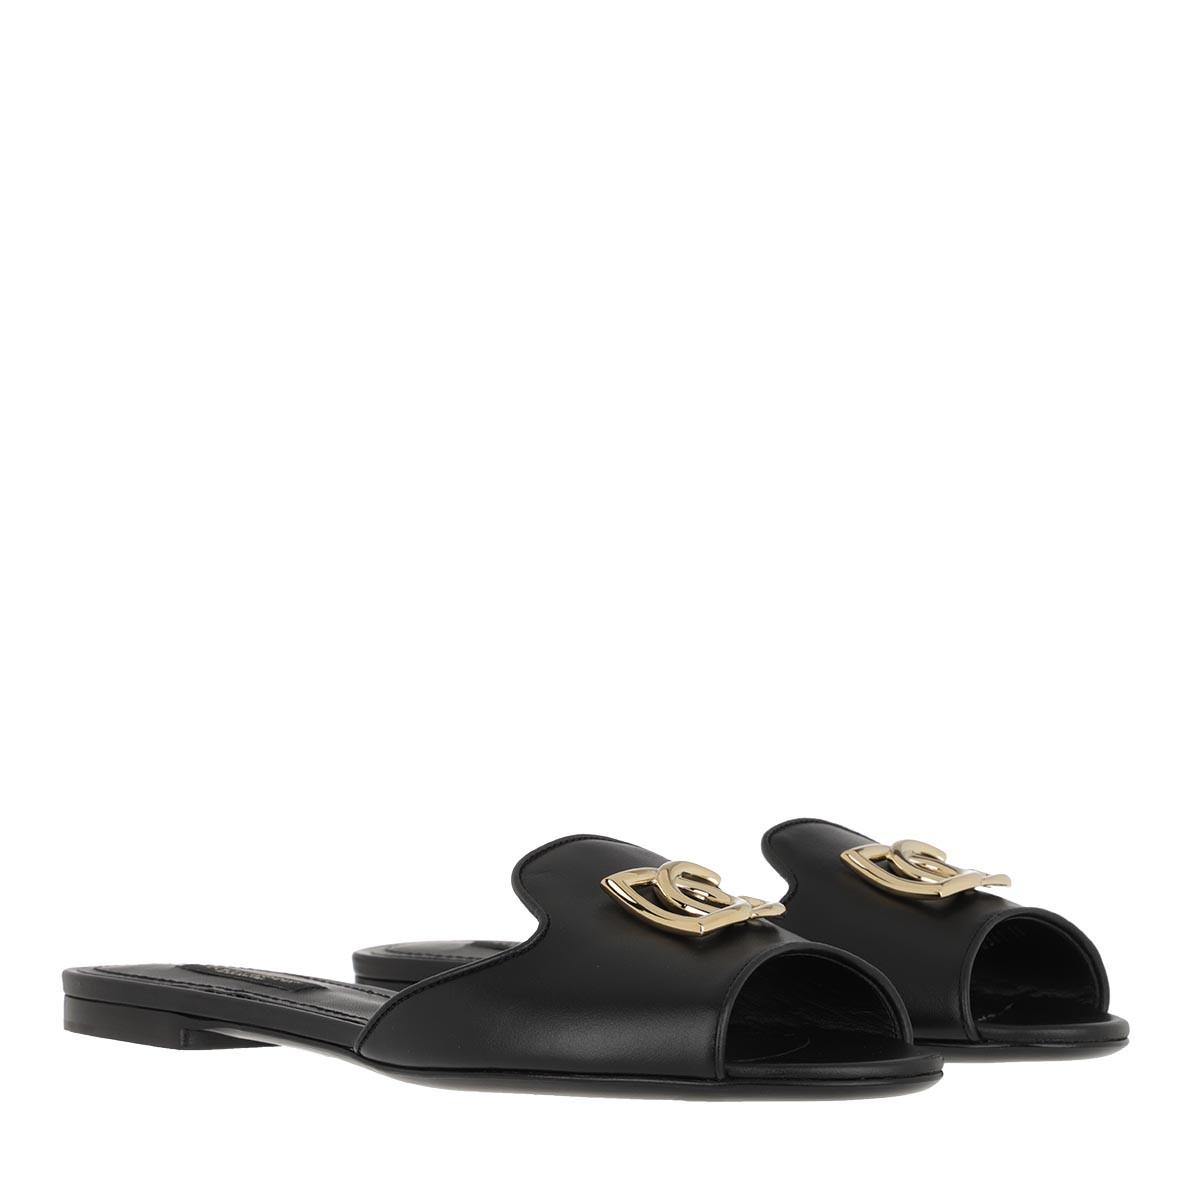 Dolce&Gabbana Schuhe - Bianca Slides Black - in schwarz - für Damen